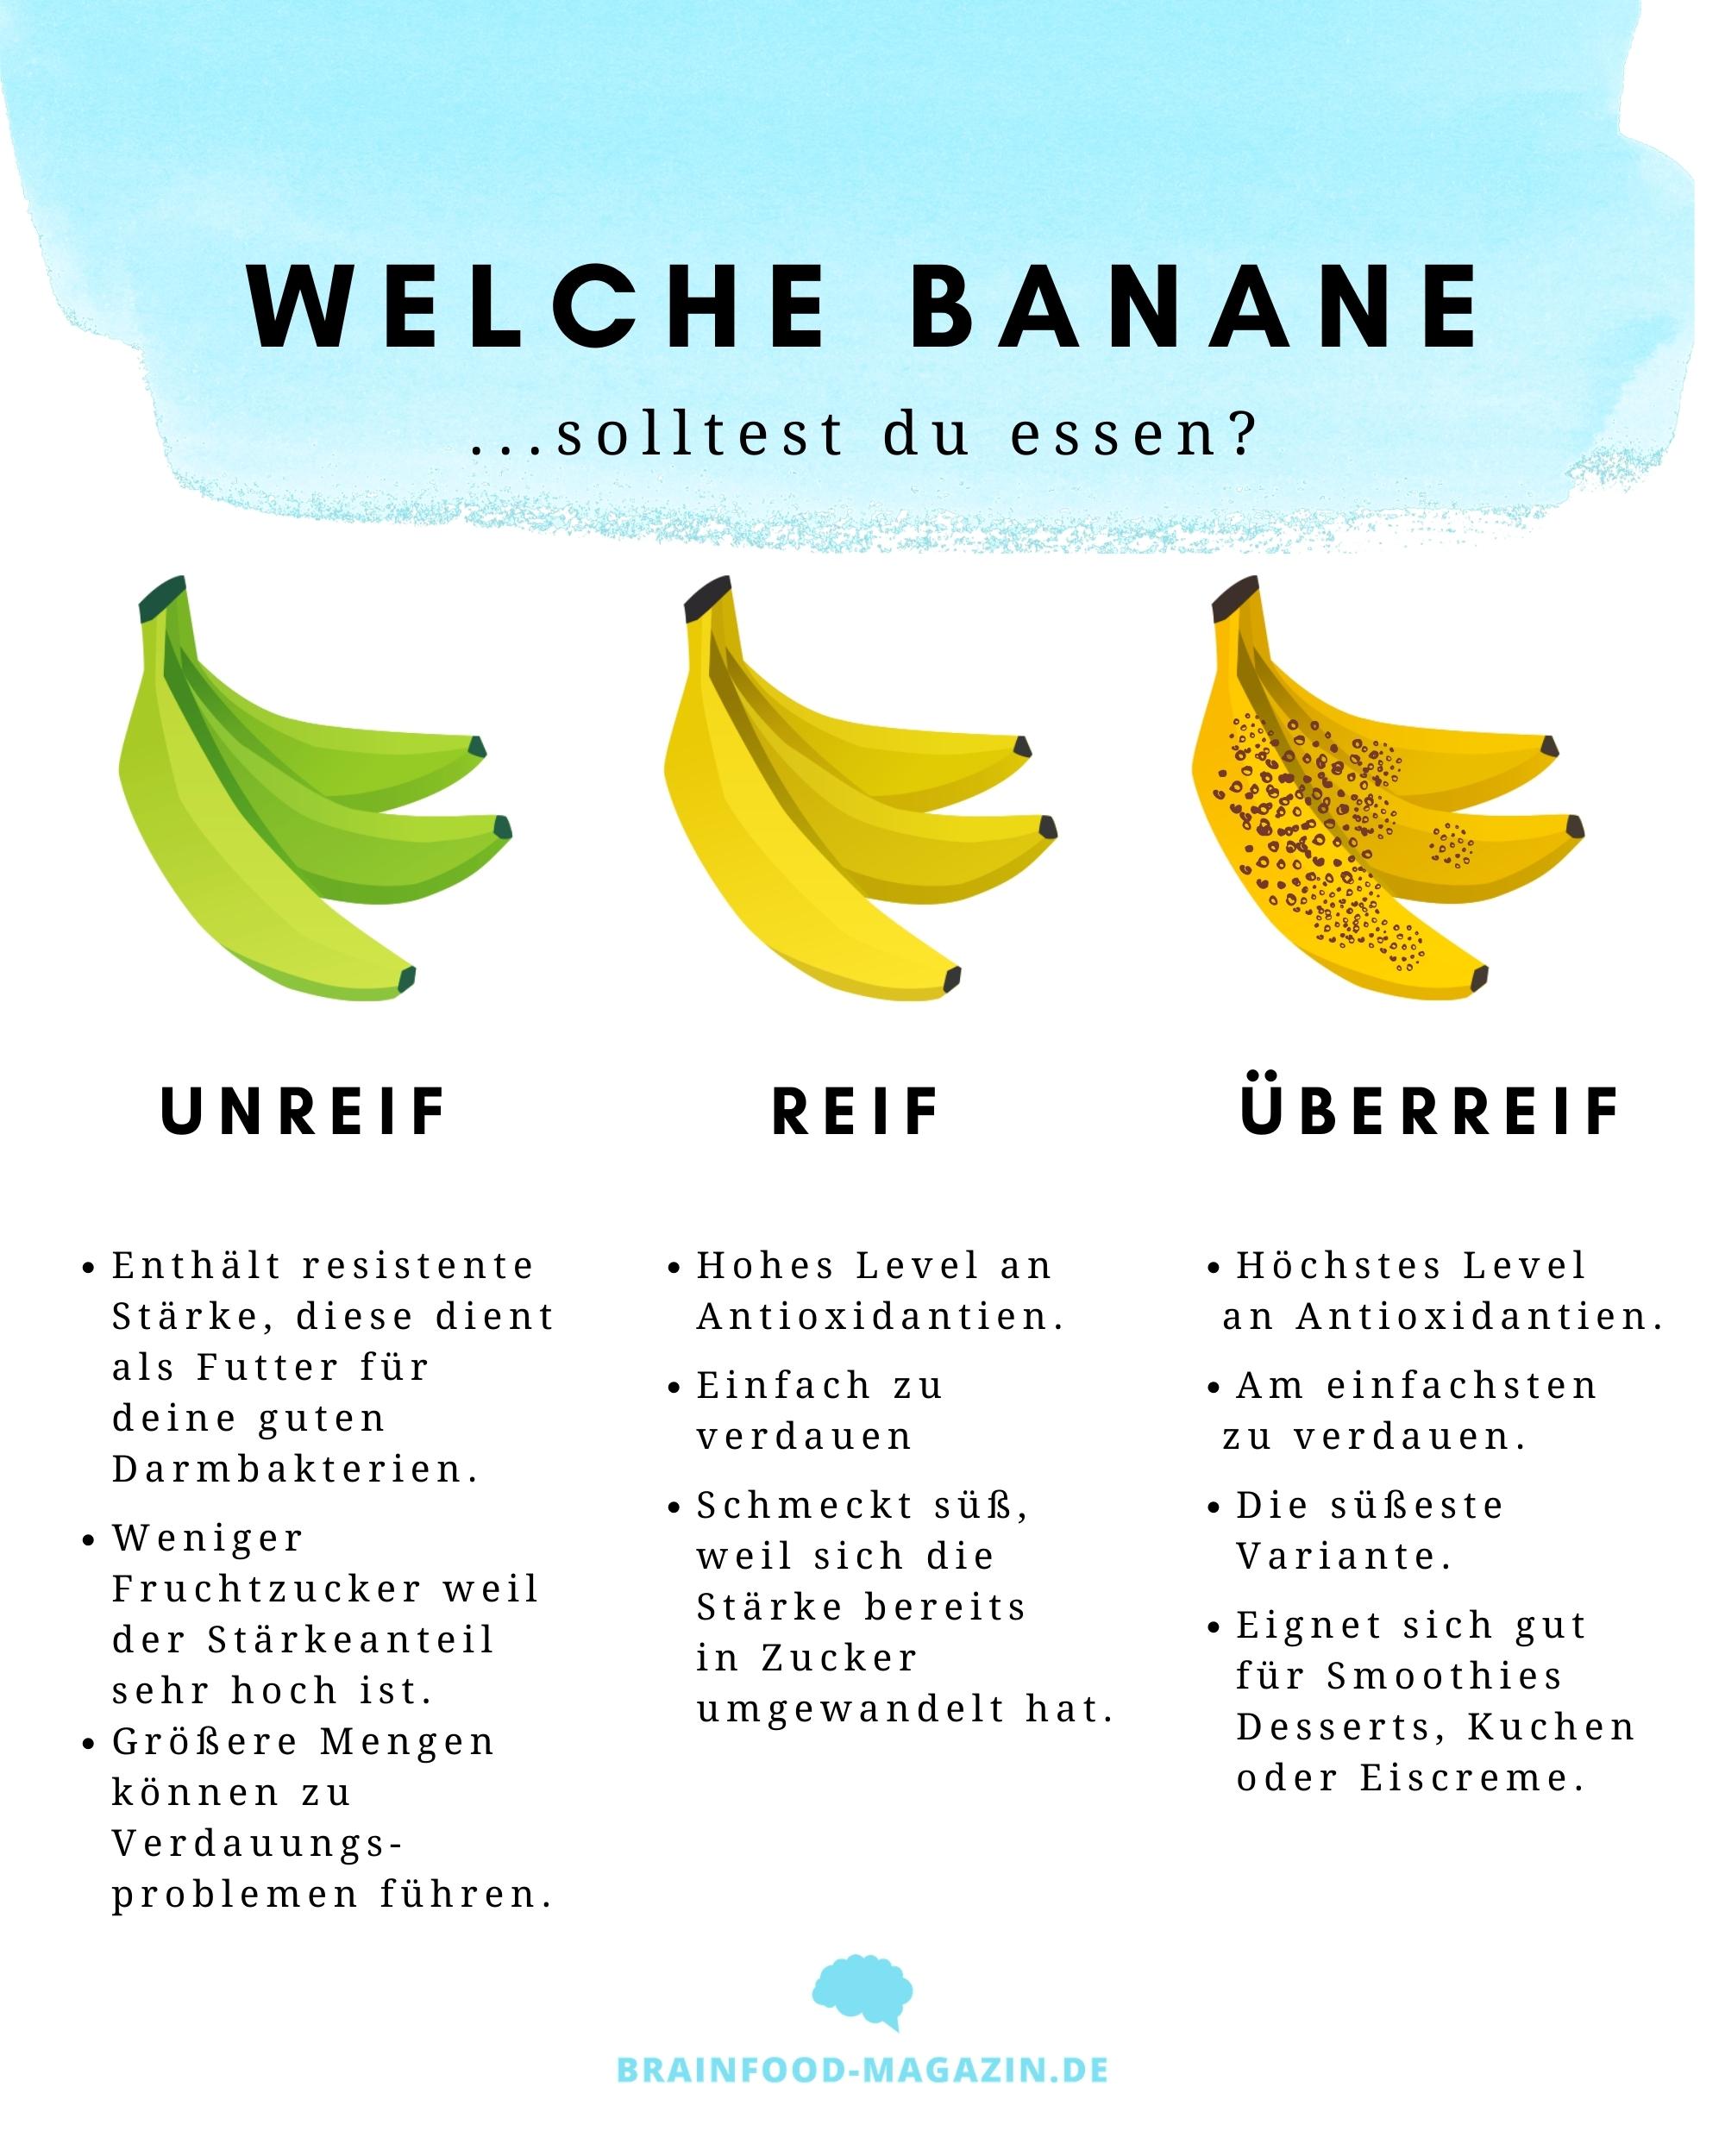 Welche Banane ist gesund? Was die Reifegrade über Bananen aussagen.